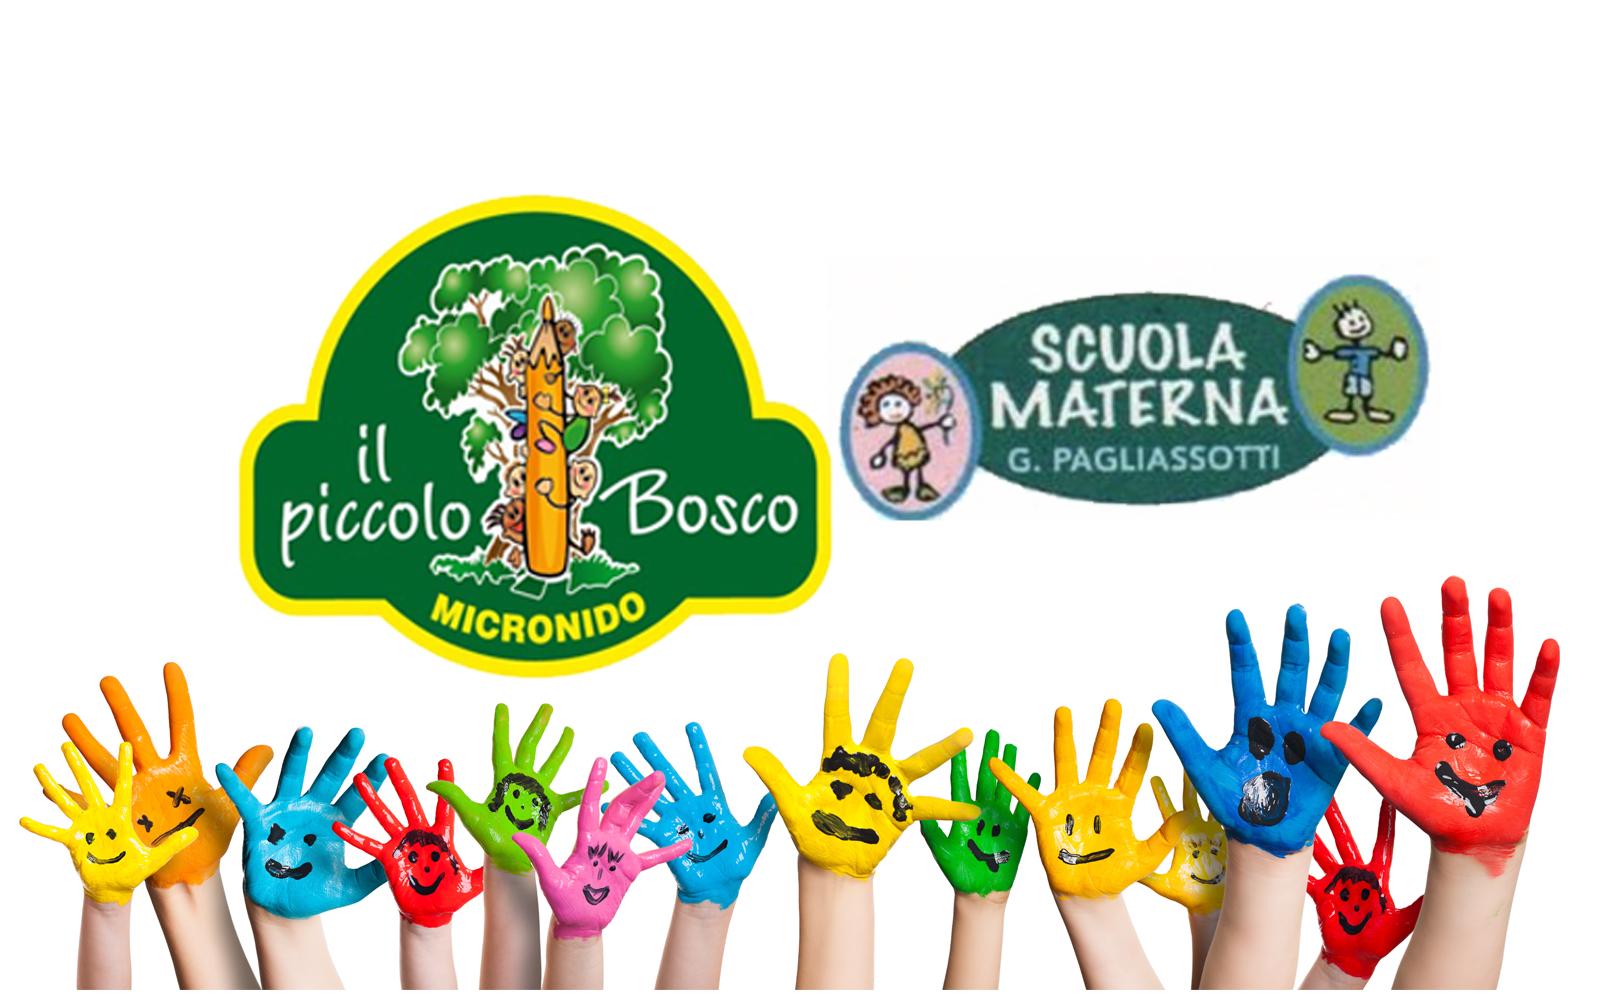 """Scuola Materna G. Pagliassotti Micro - nido """"Il Piccolo Bosco"""""""